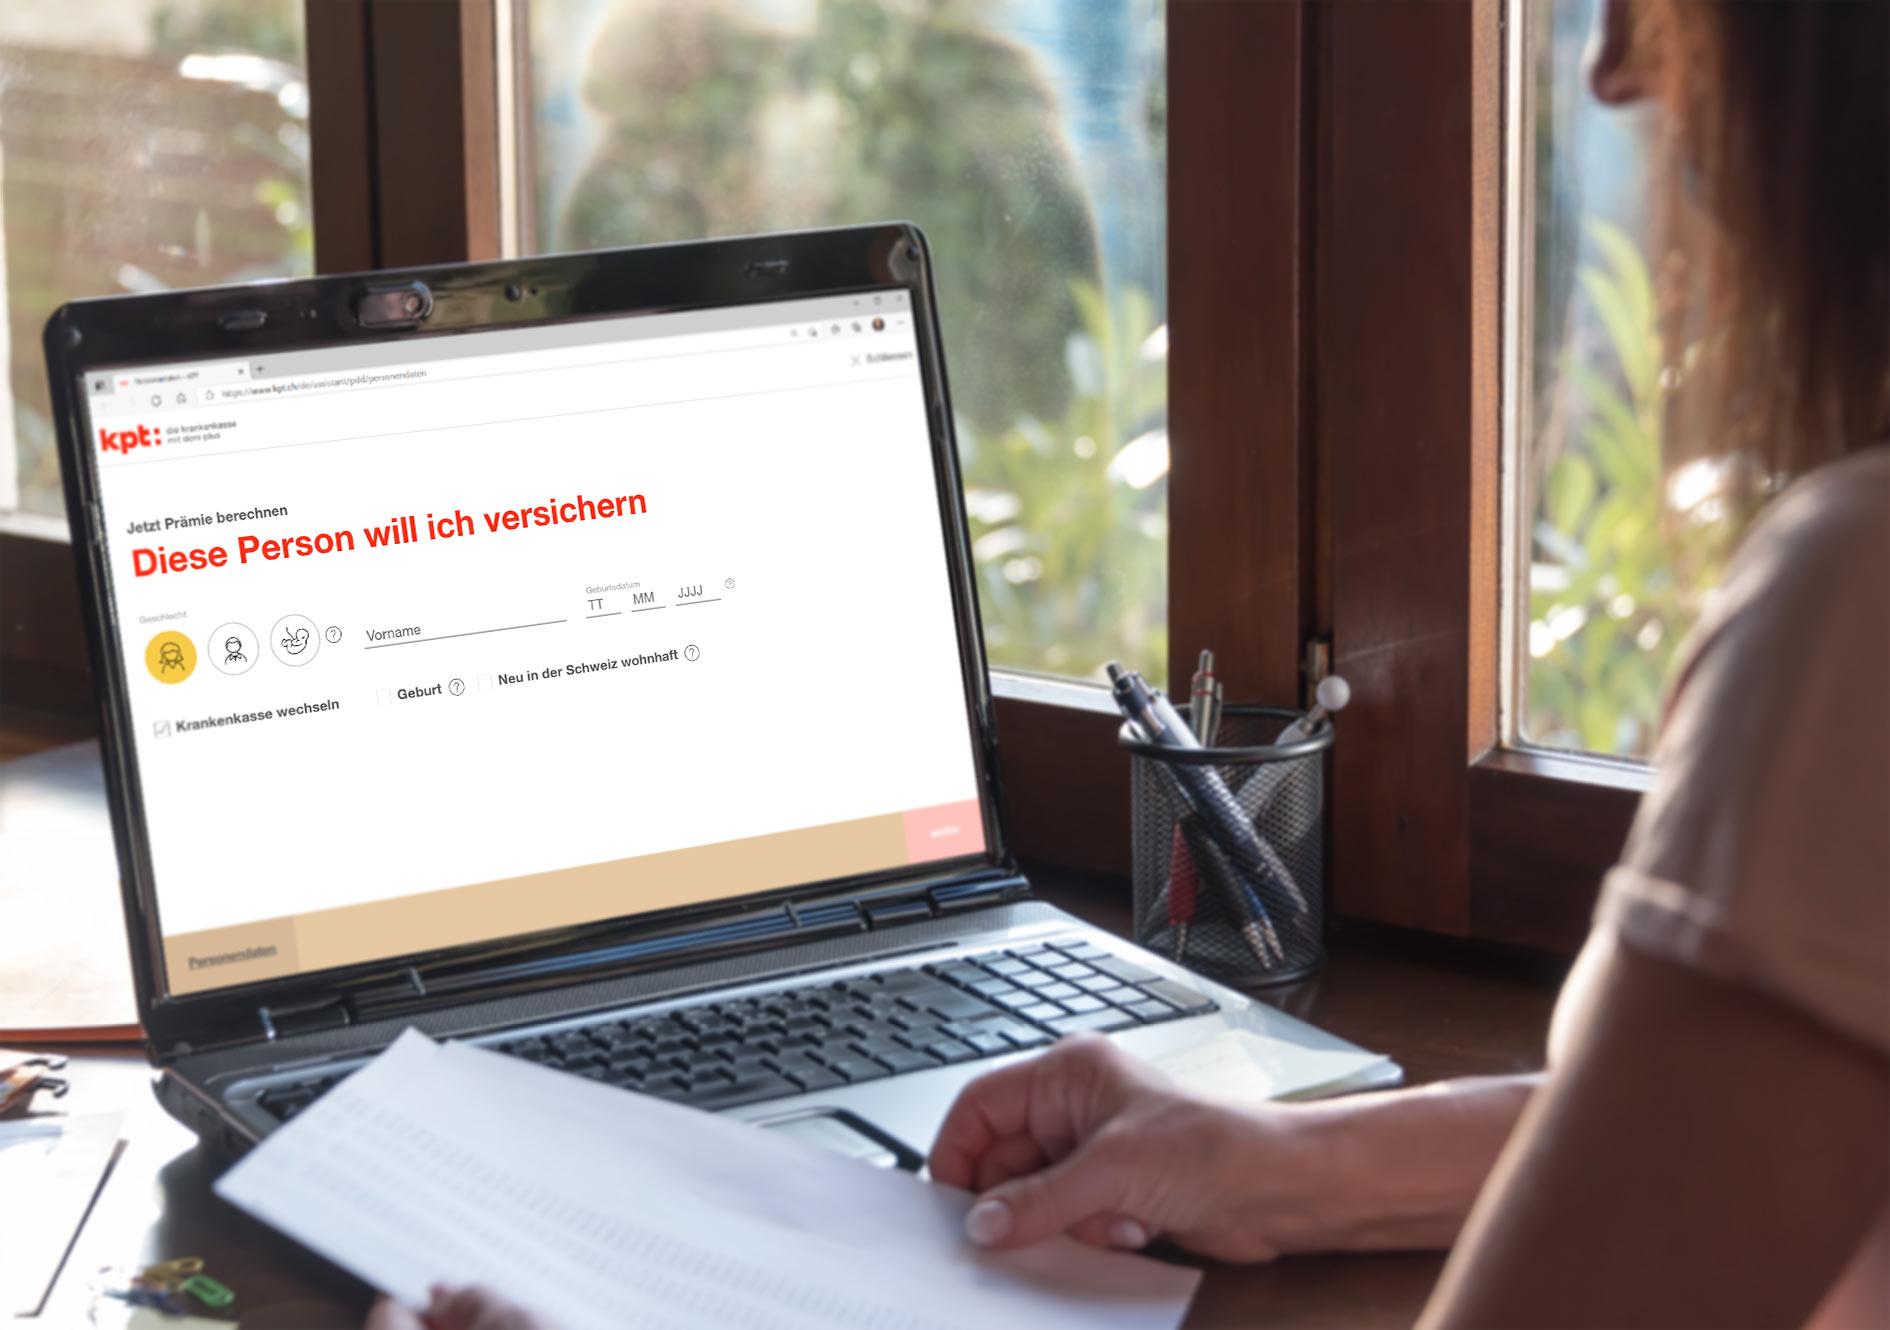 Internetauftritt kpt.ch mit integriertem Prämienrechner